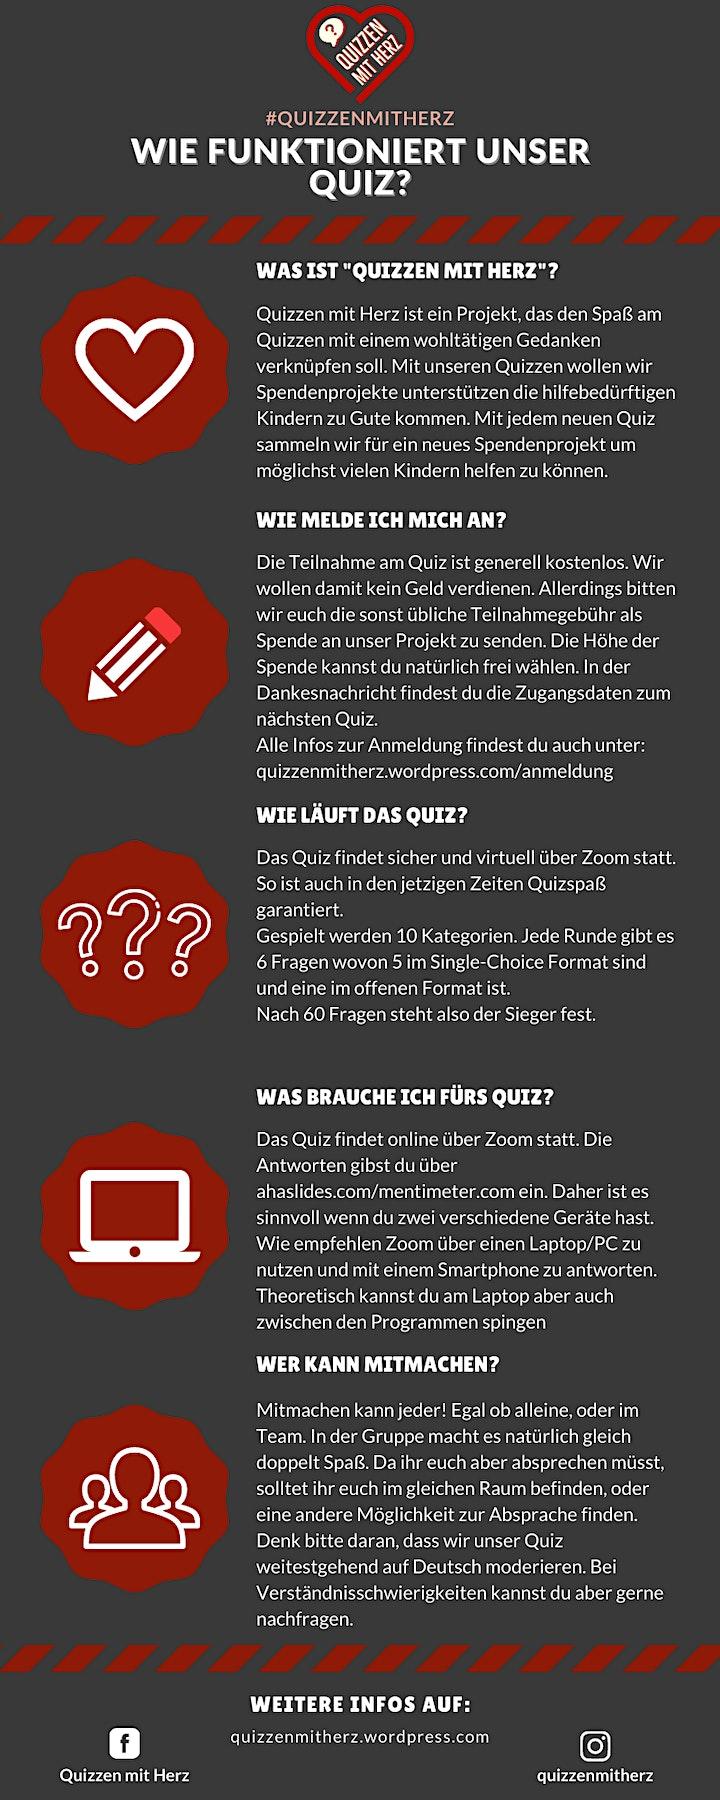 Quizzen mit Herz - Das Online-Kneipenquiz für den guten Zweck: Bild